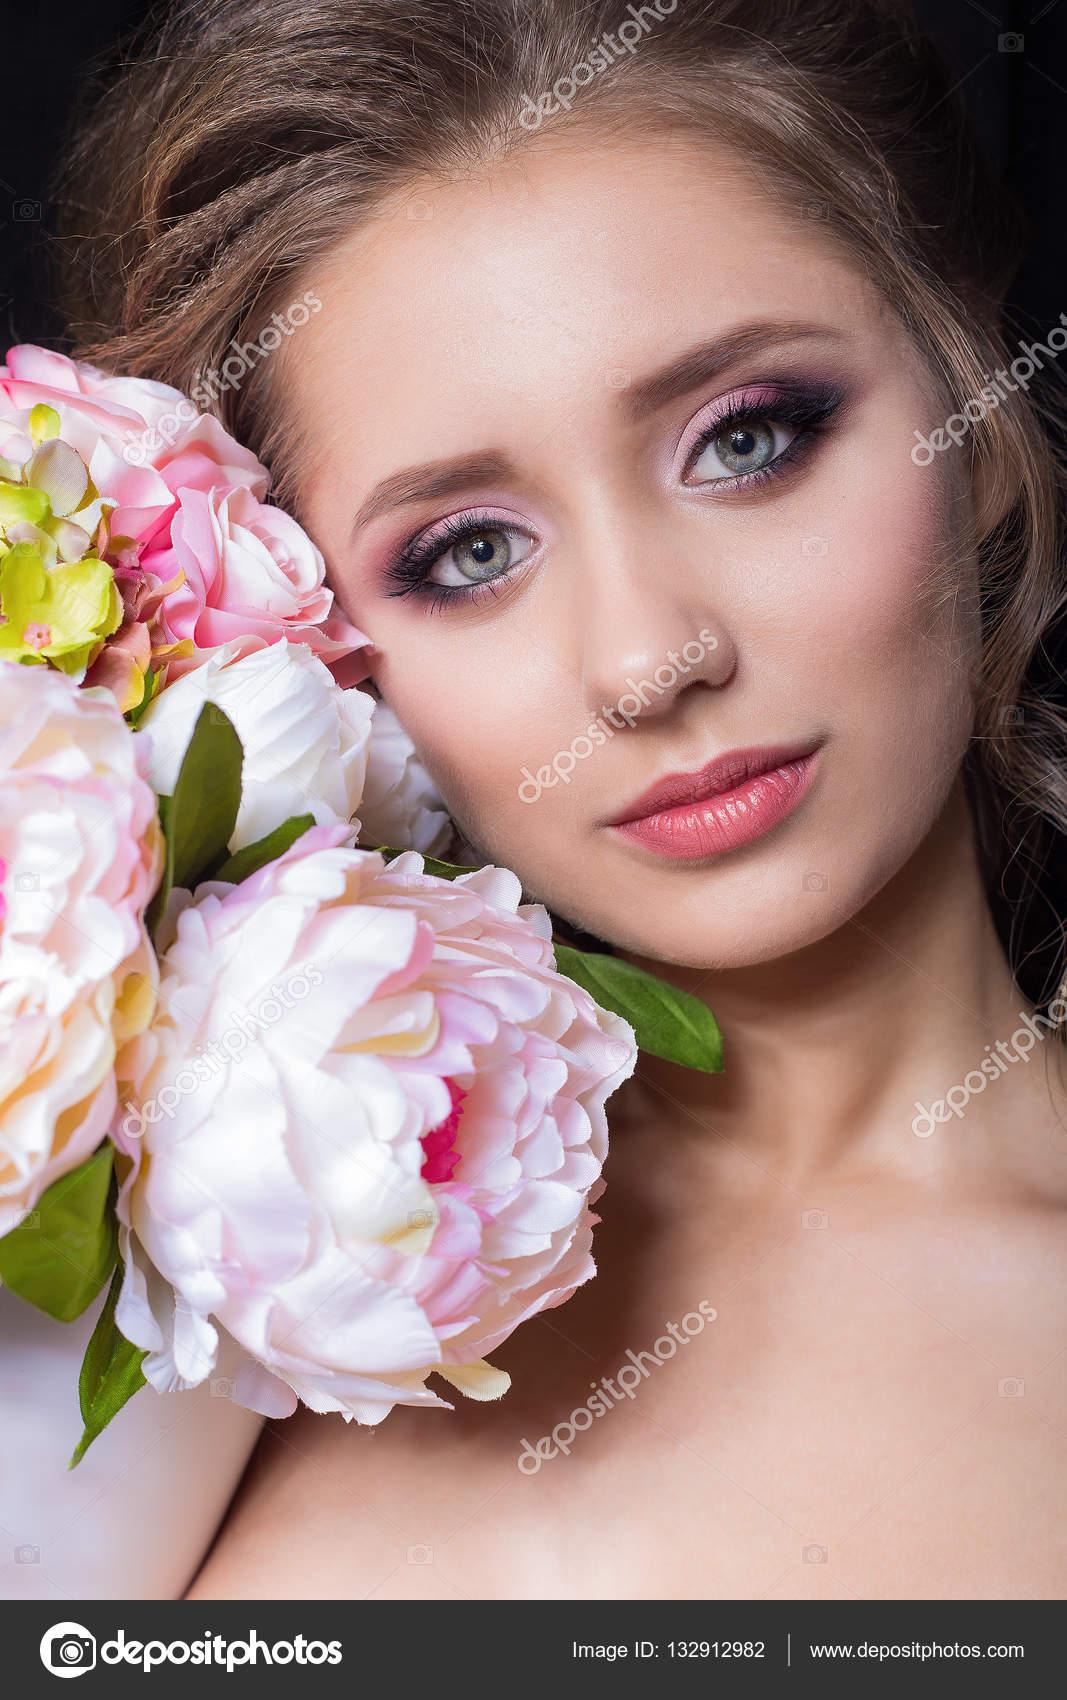 Retrato de una hermosa chica linda con una bella novia con peinado ...